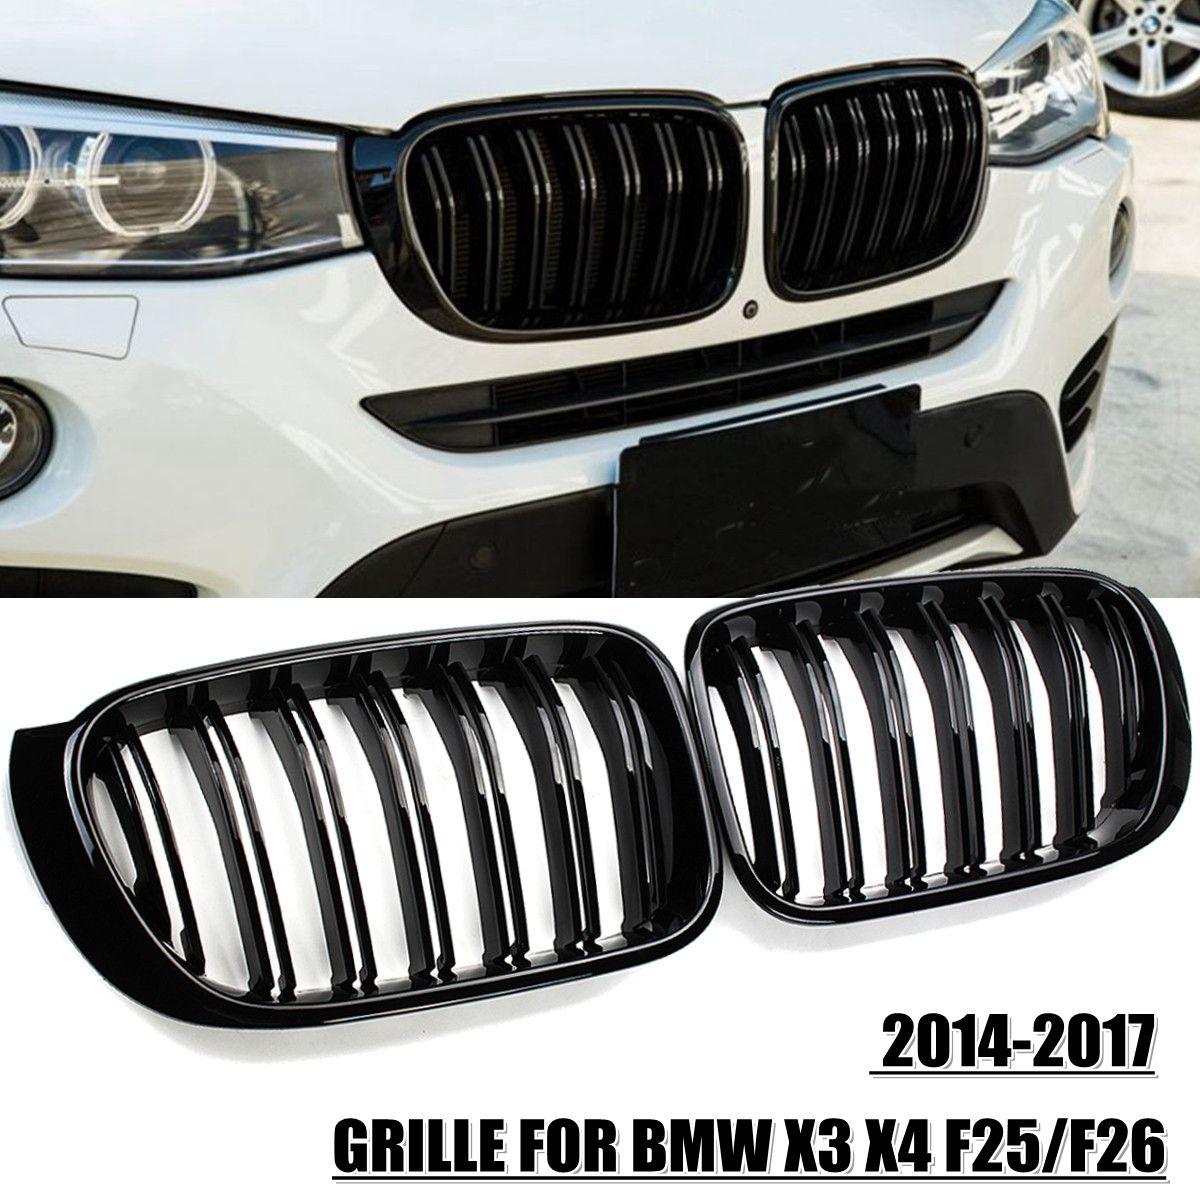 2X М стиль автомобиля Передняя решетка сетка отделка полосы крышка глянцевый черный для BMW X3 X4 F25 F26 2014 2015 2016 2017